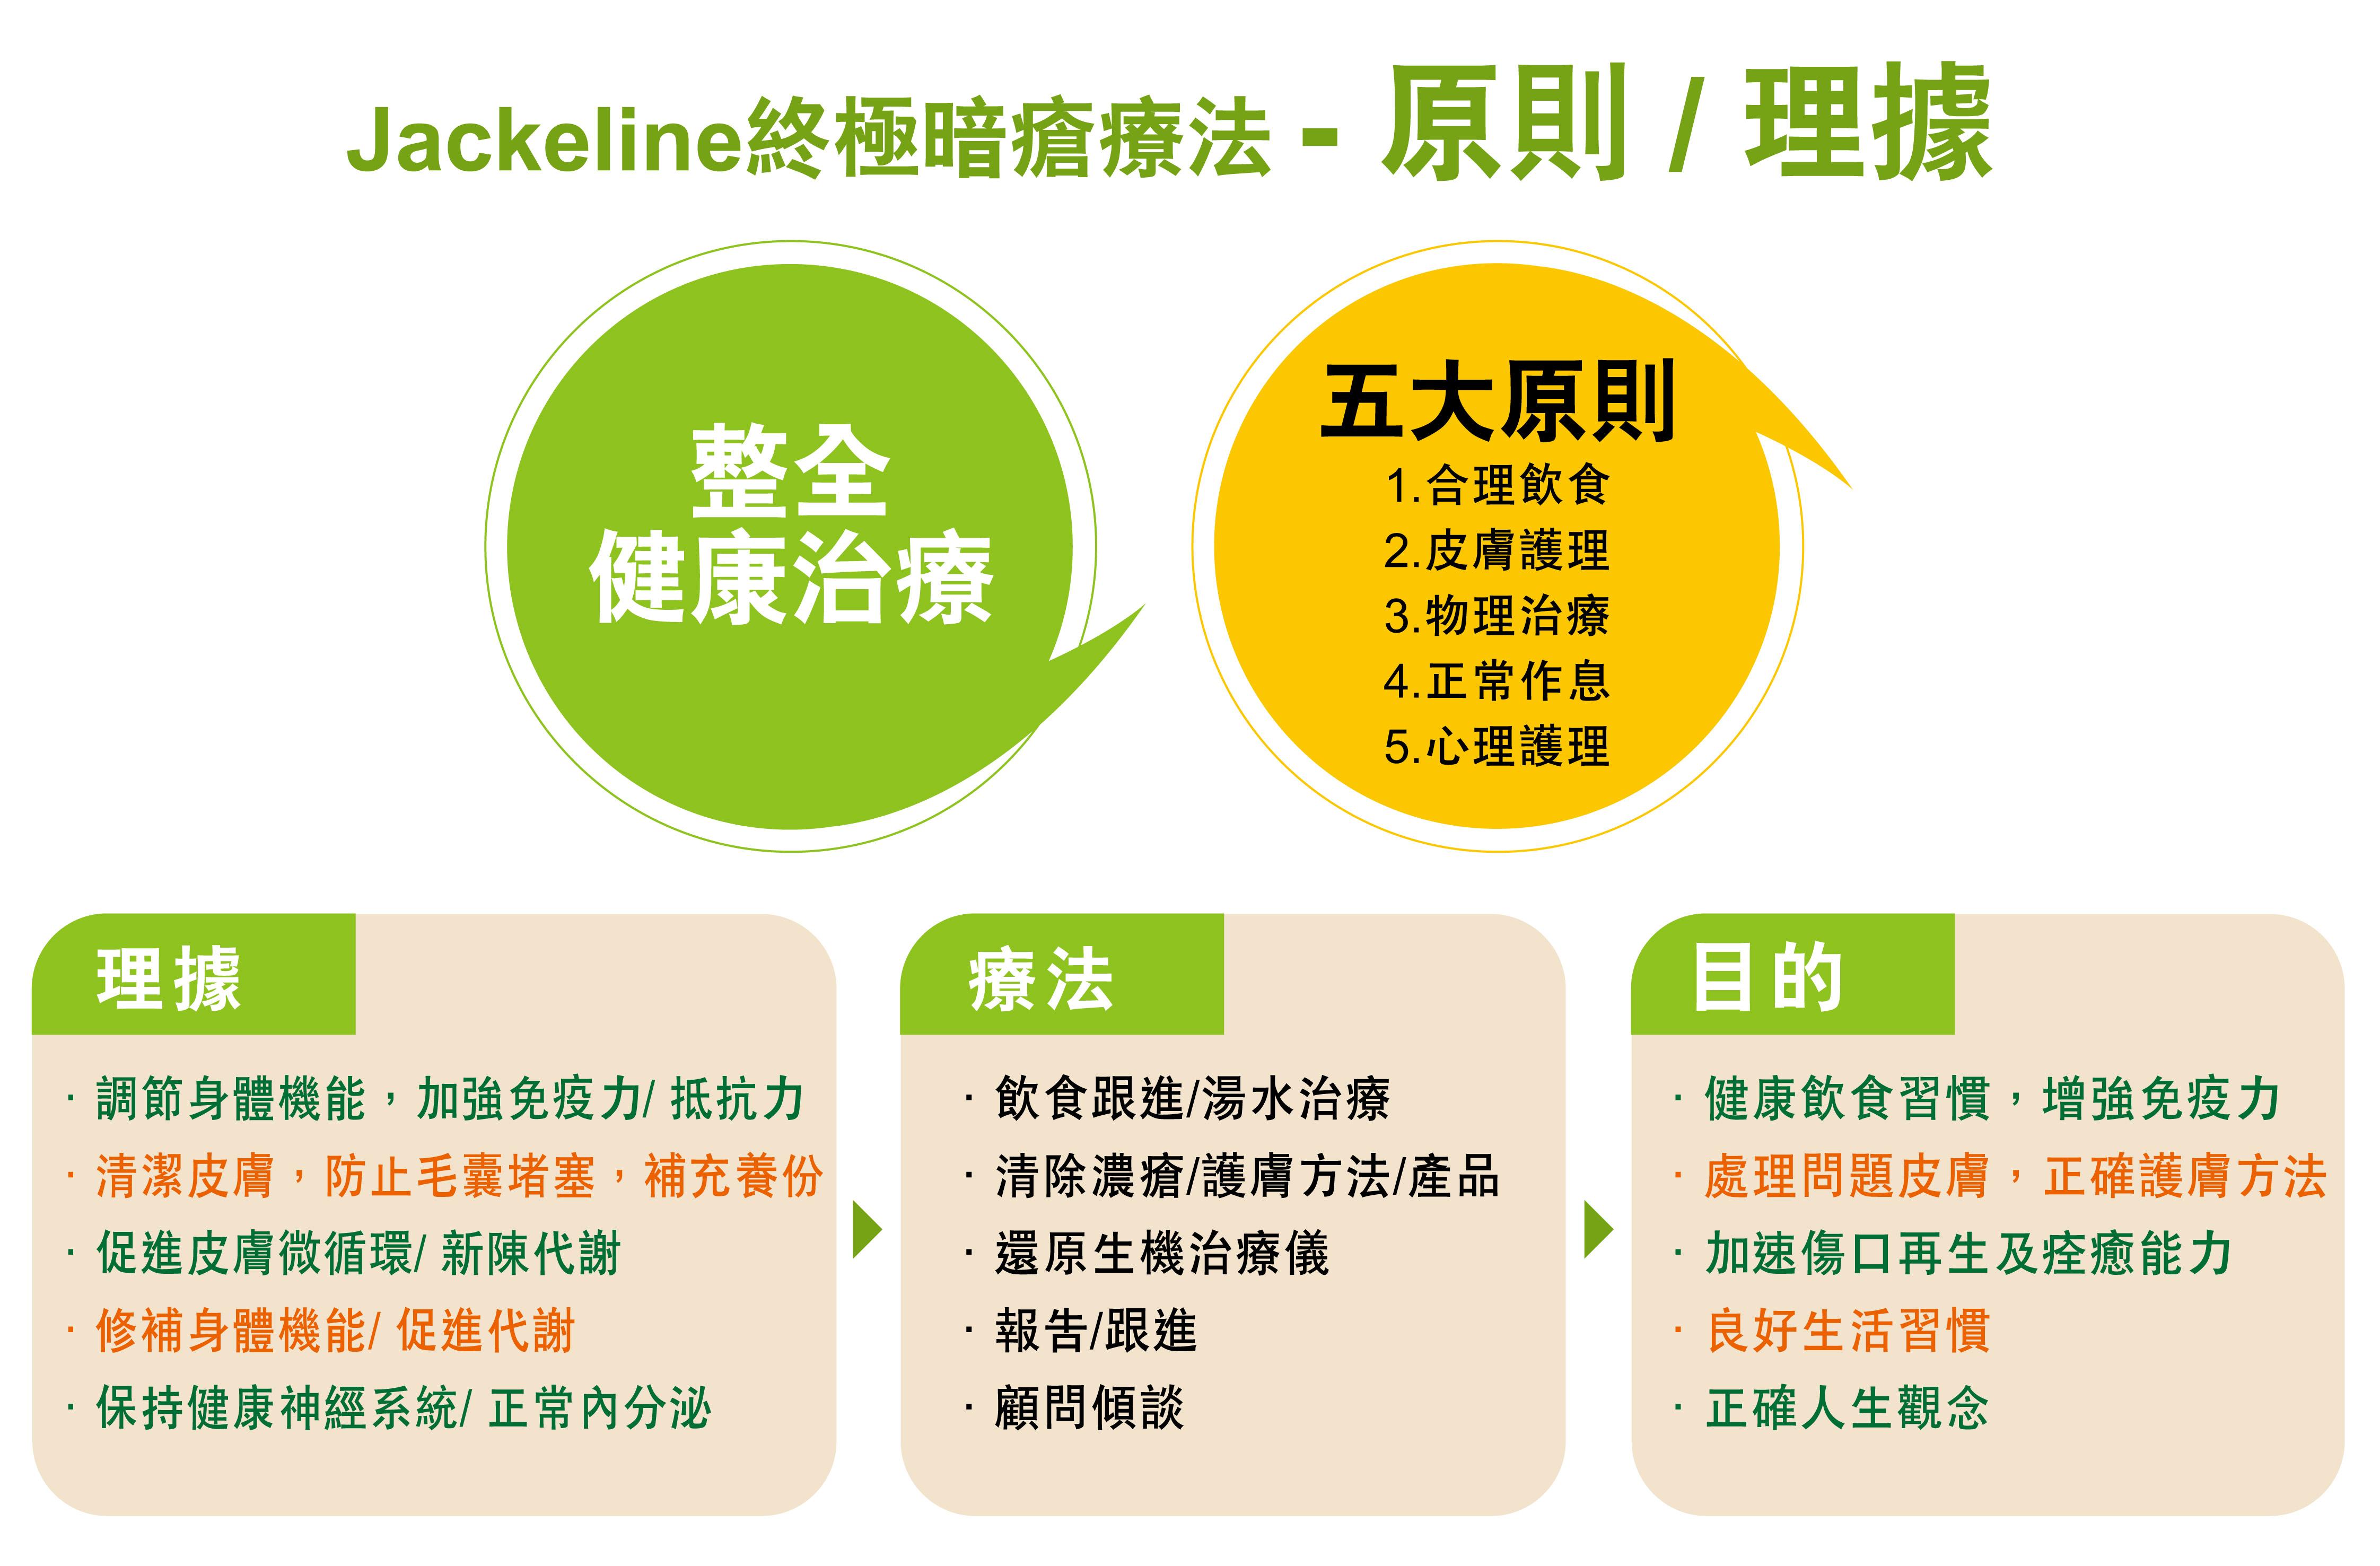 Jackeline終極暗瘡療法 - 原則 - 理據